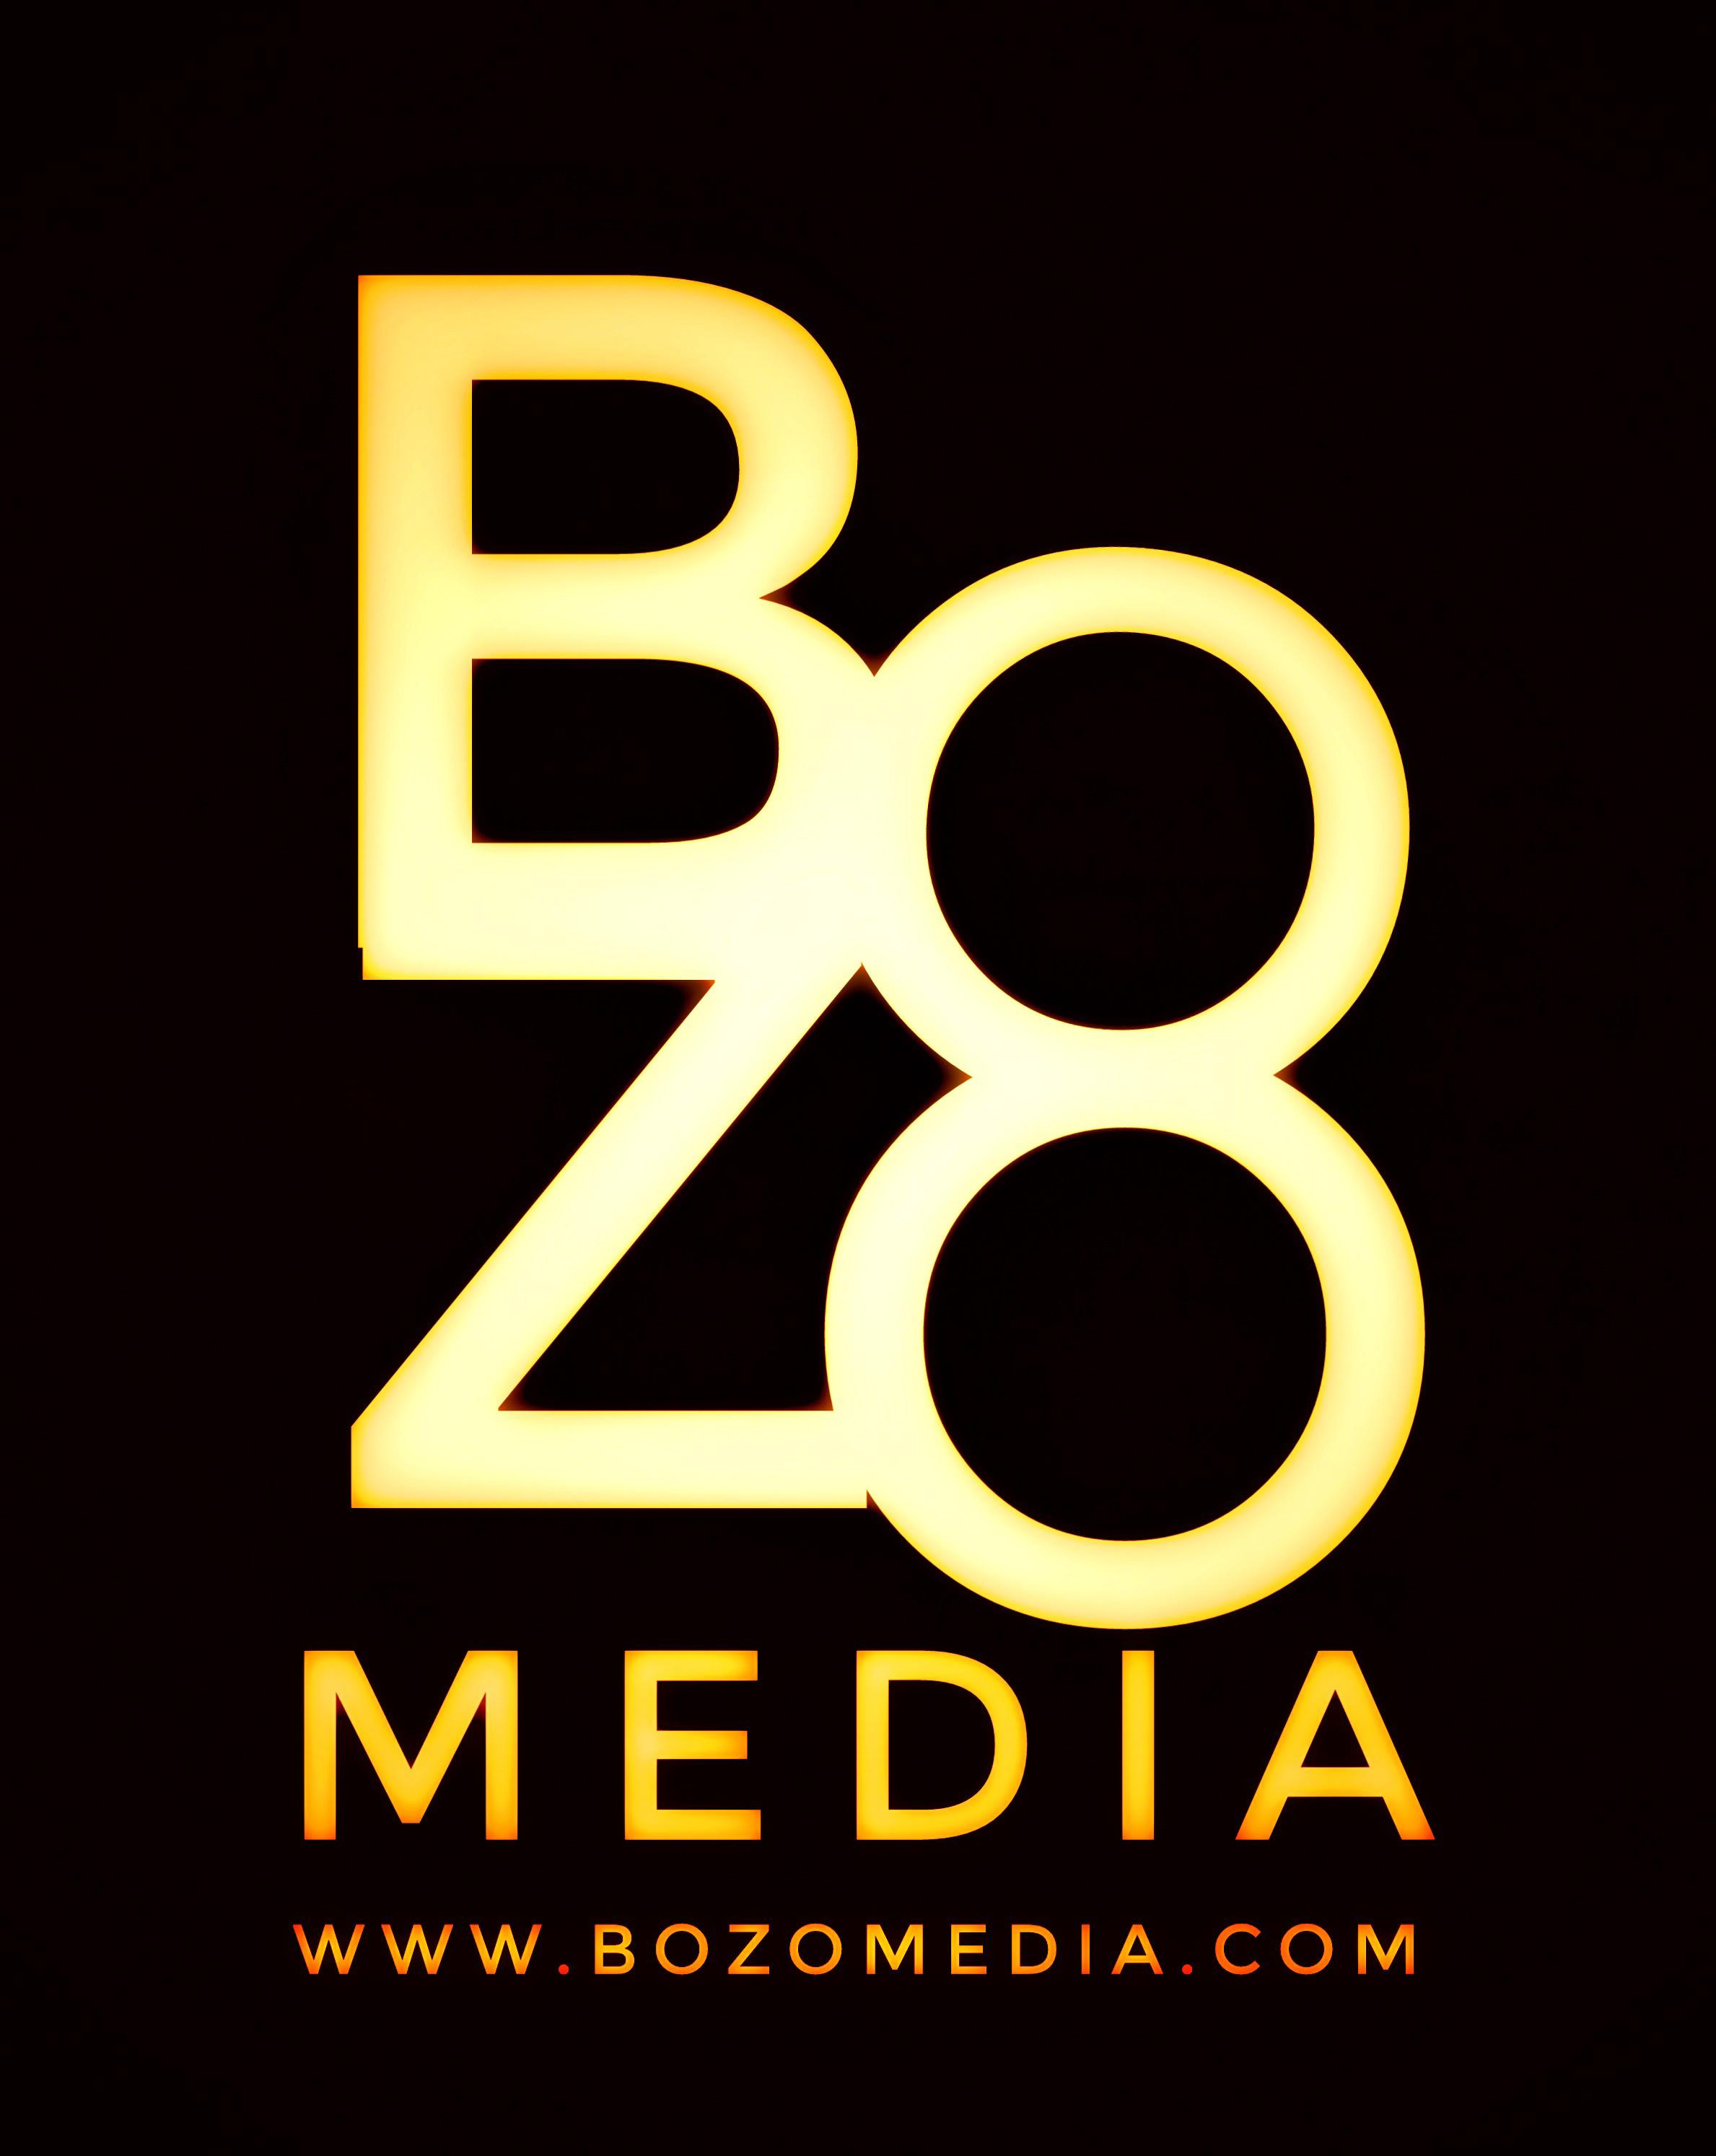 Bozo Media